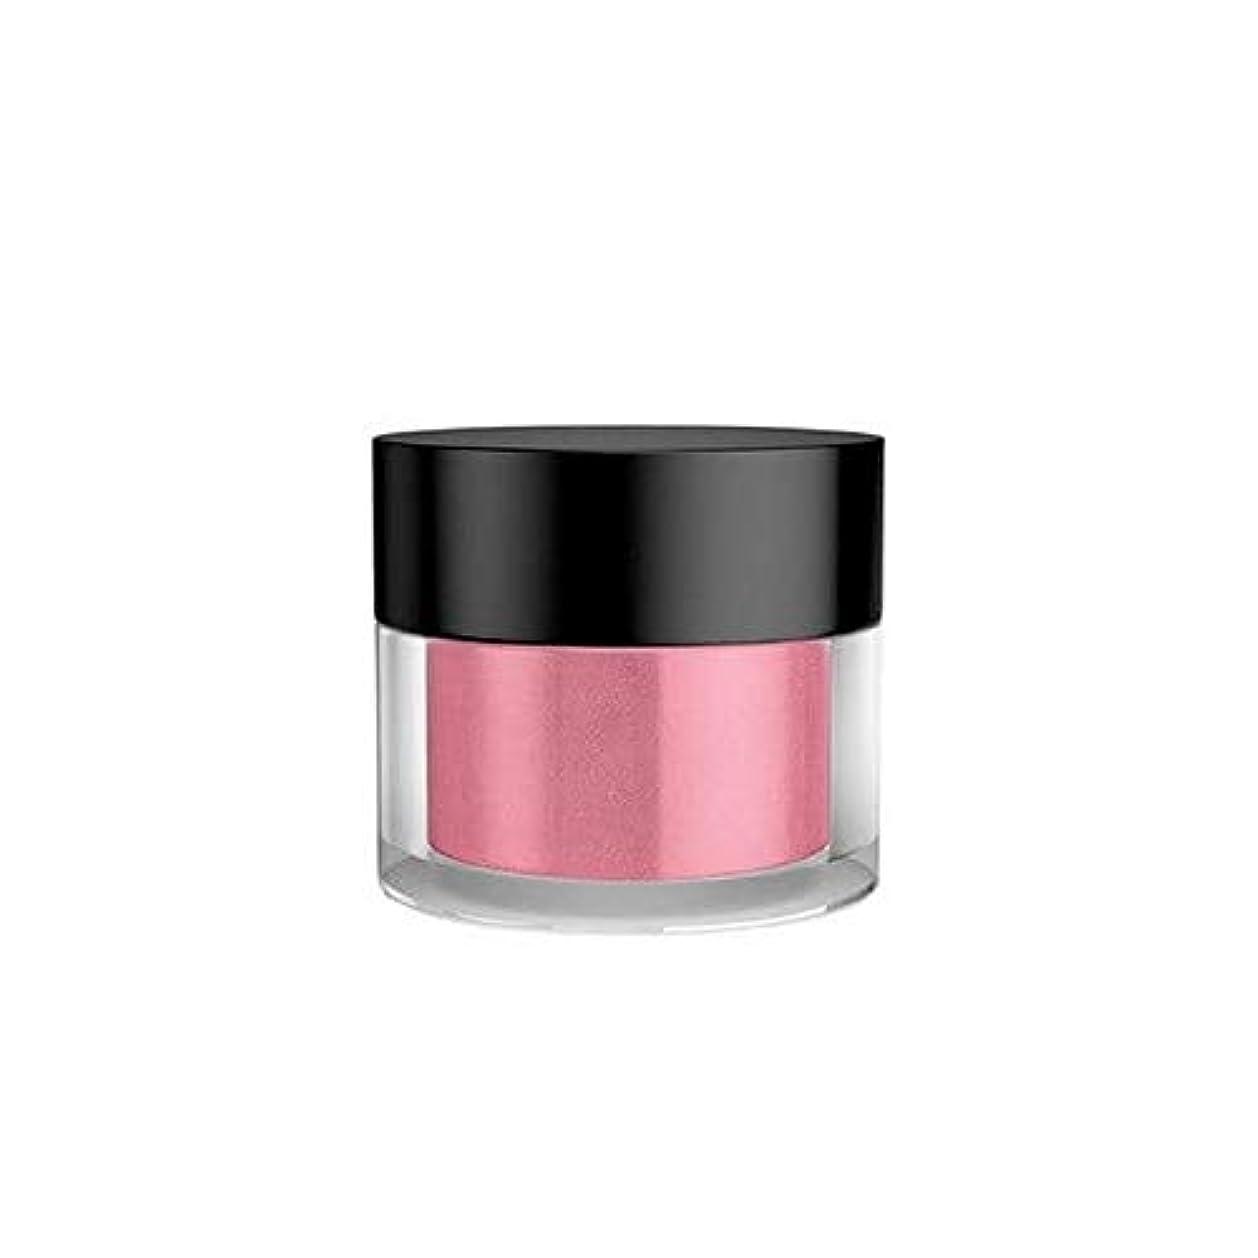 傘結論剥離[GOSH ] おやっ効果粉末クロムは005をバラ - Gosh Effect Powder Chrome Rose 005 [並行輸入品]